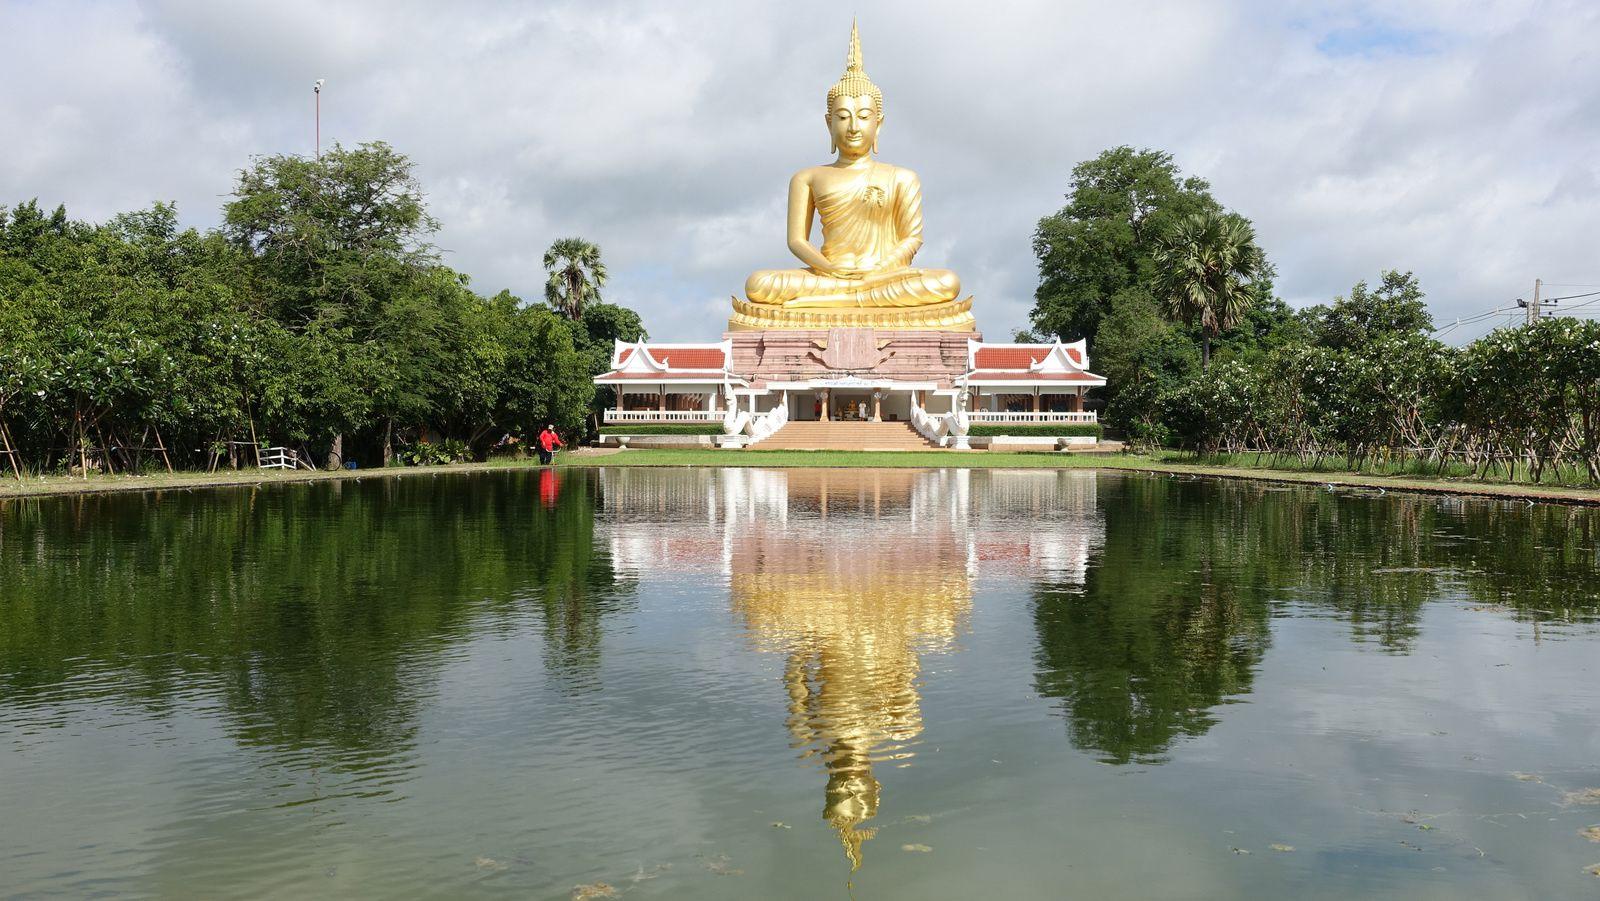 Photo numéro 12 (Wat sur la route entre Ubon Ratchatani et Yasothon)